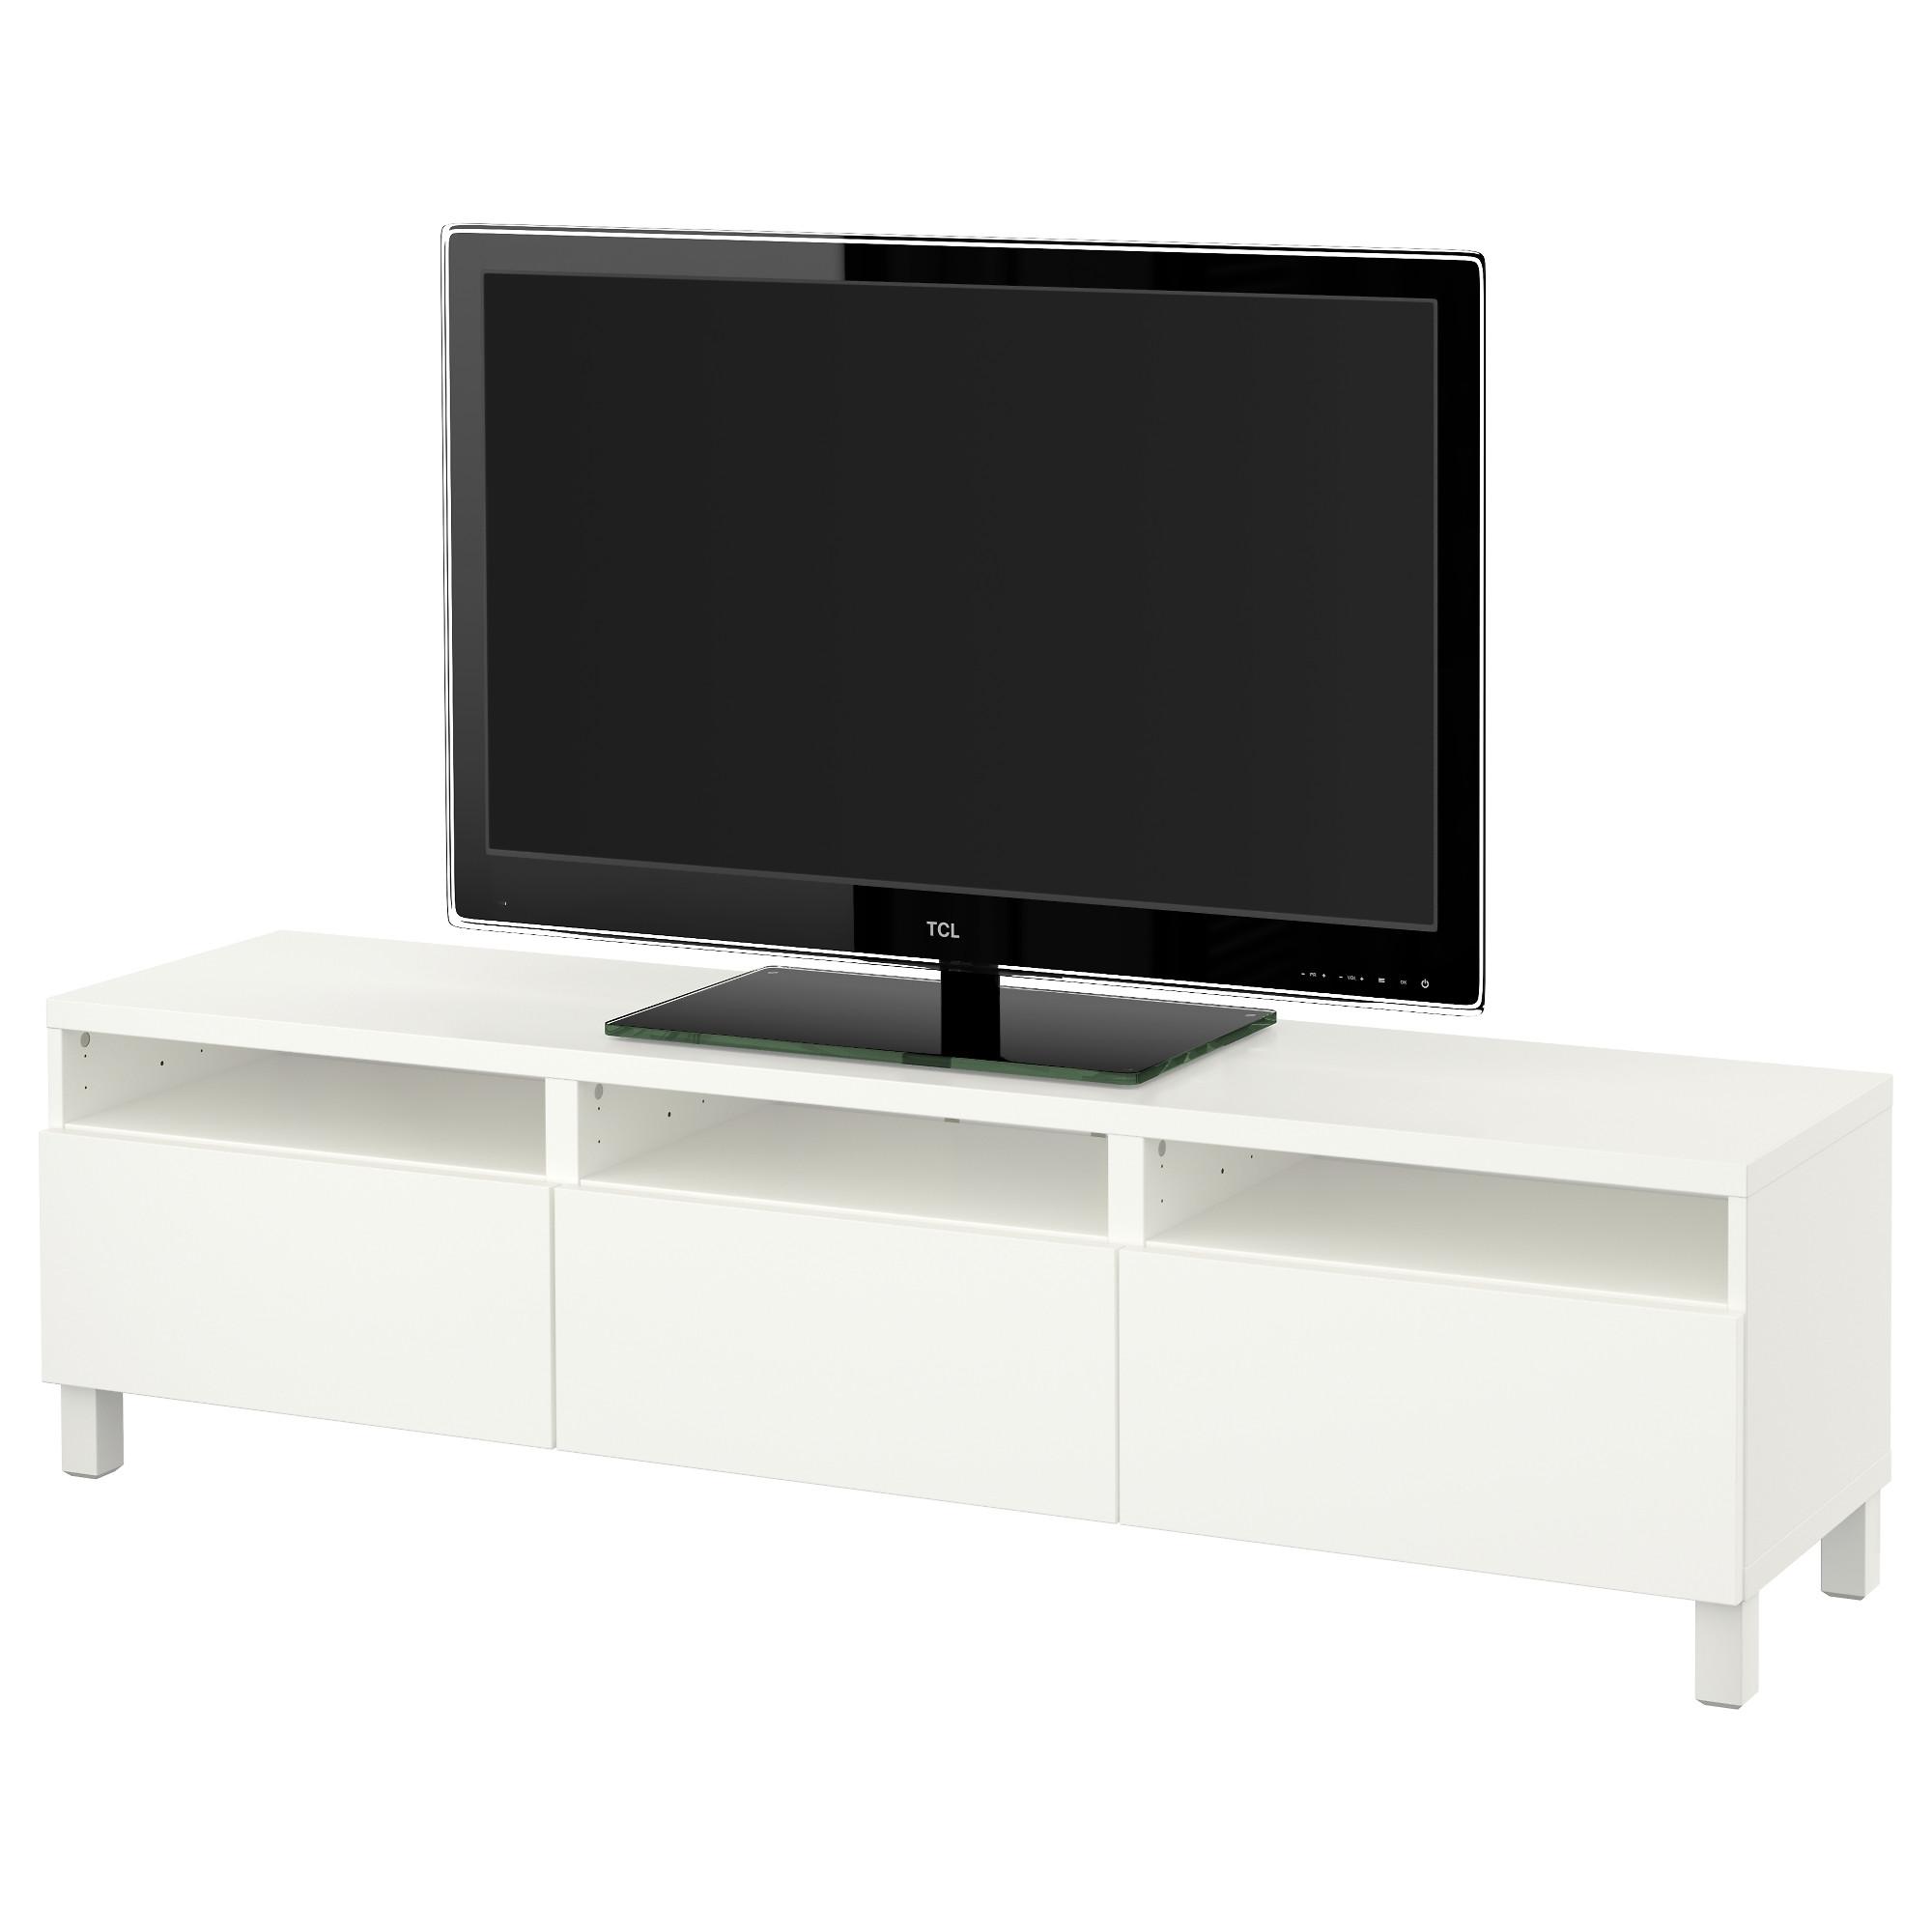 Тумба для ТВ с ящиками БЕСТО, Лаппвикен белый (180x40x48 см)